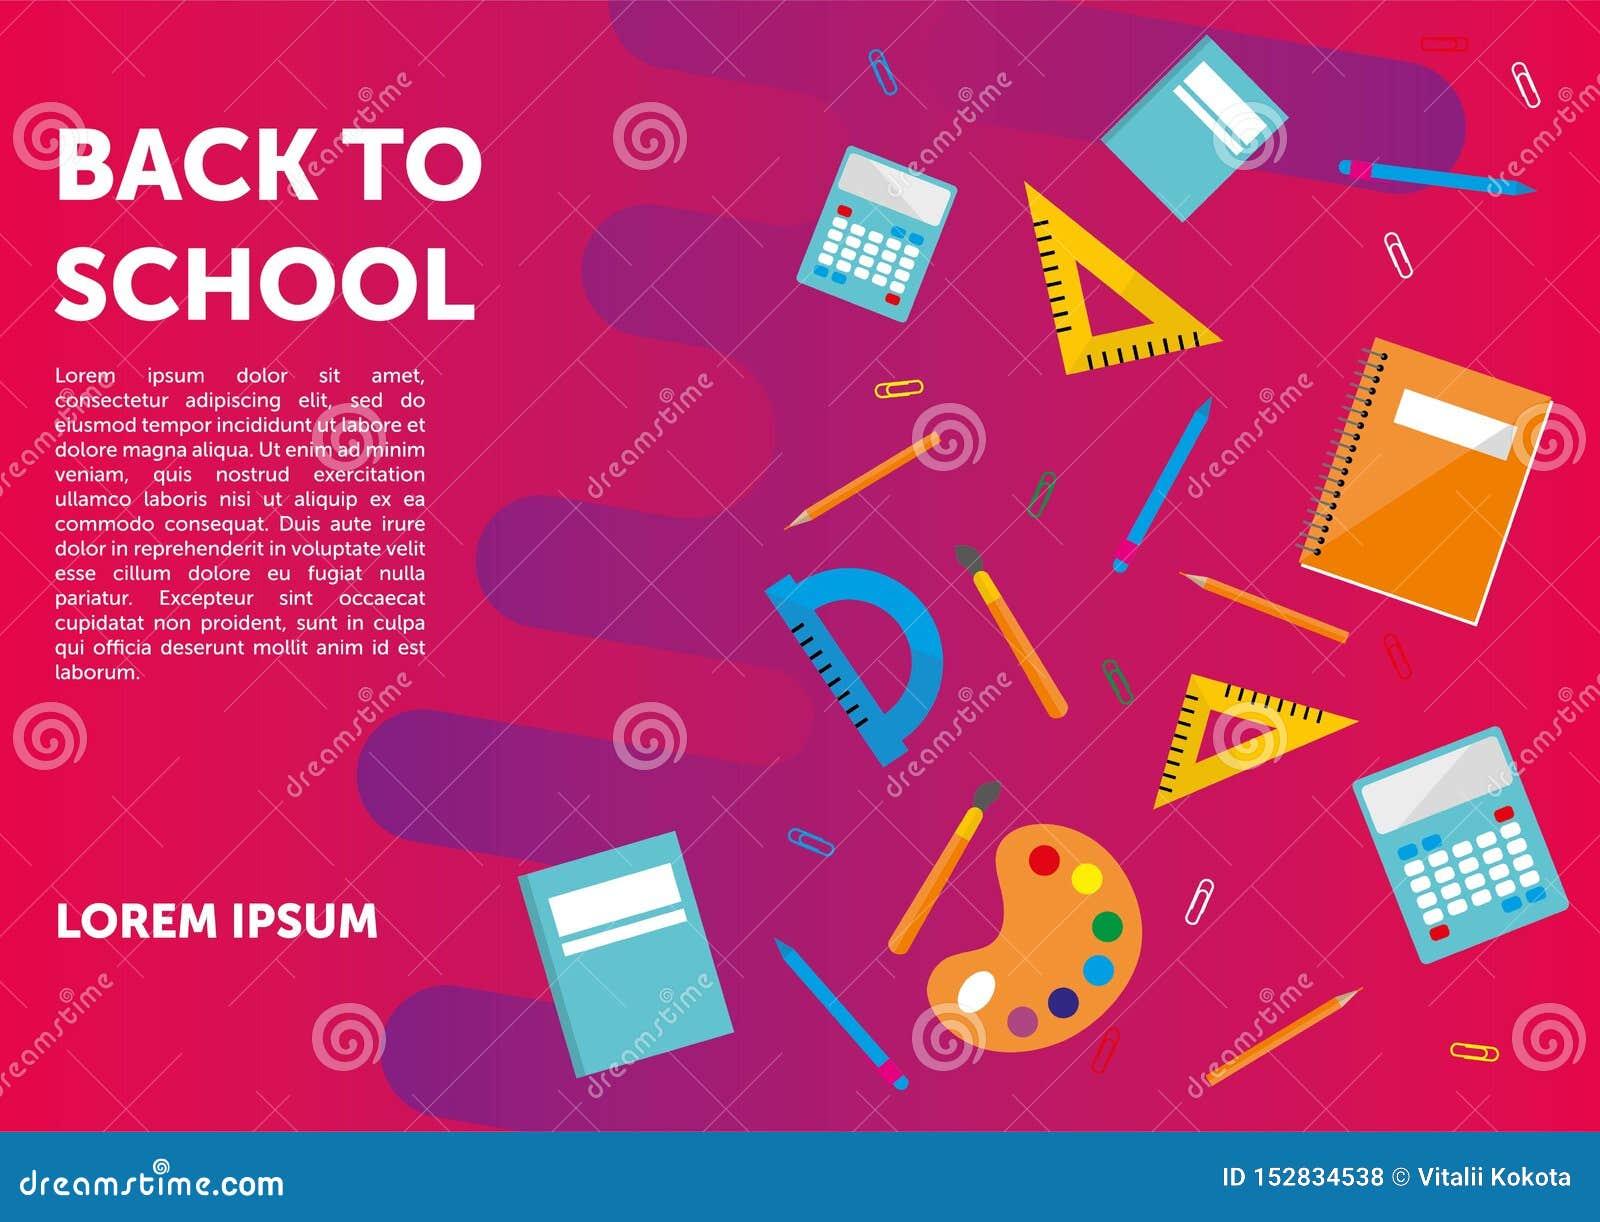 Πίσω στο σχολικό έμβλημα, αφίσα, επίπεδο σχέδιο ζωηρόχρωμο, διάνυσμα backgound ιστοσελίδας